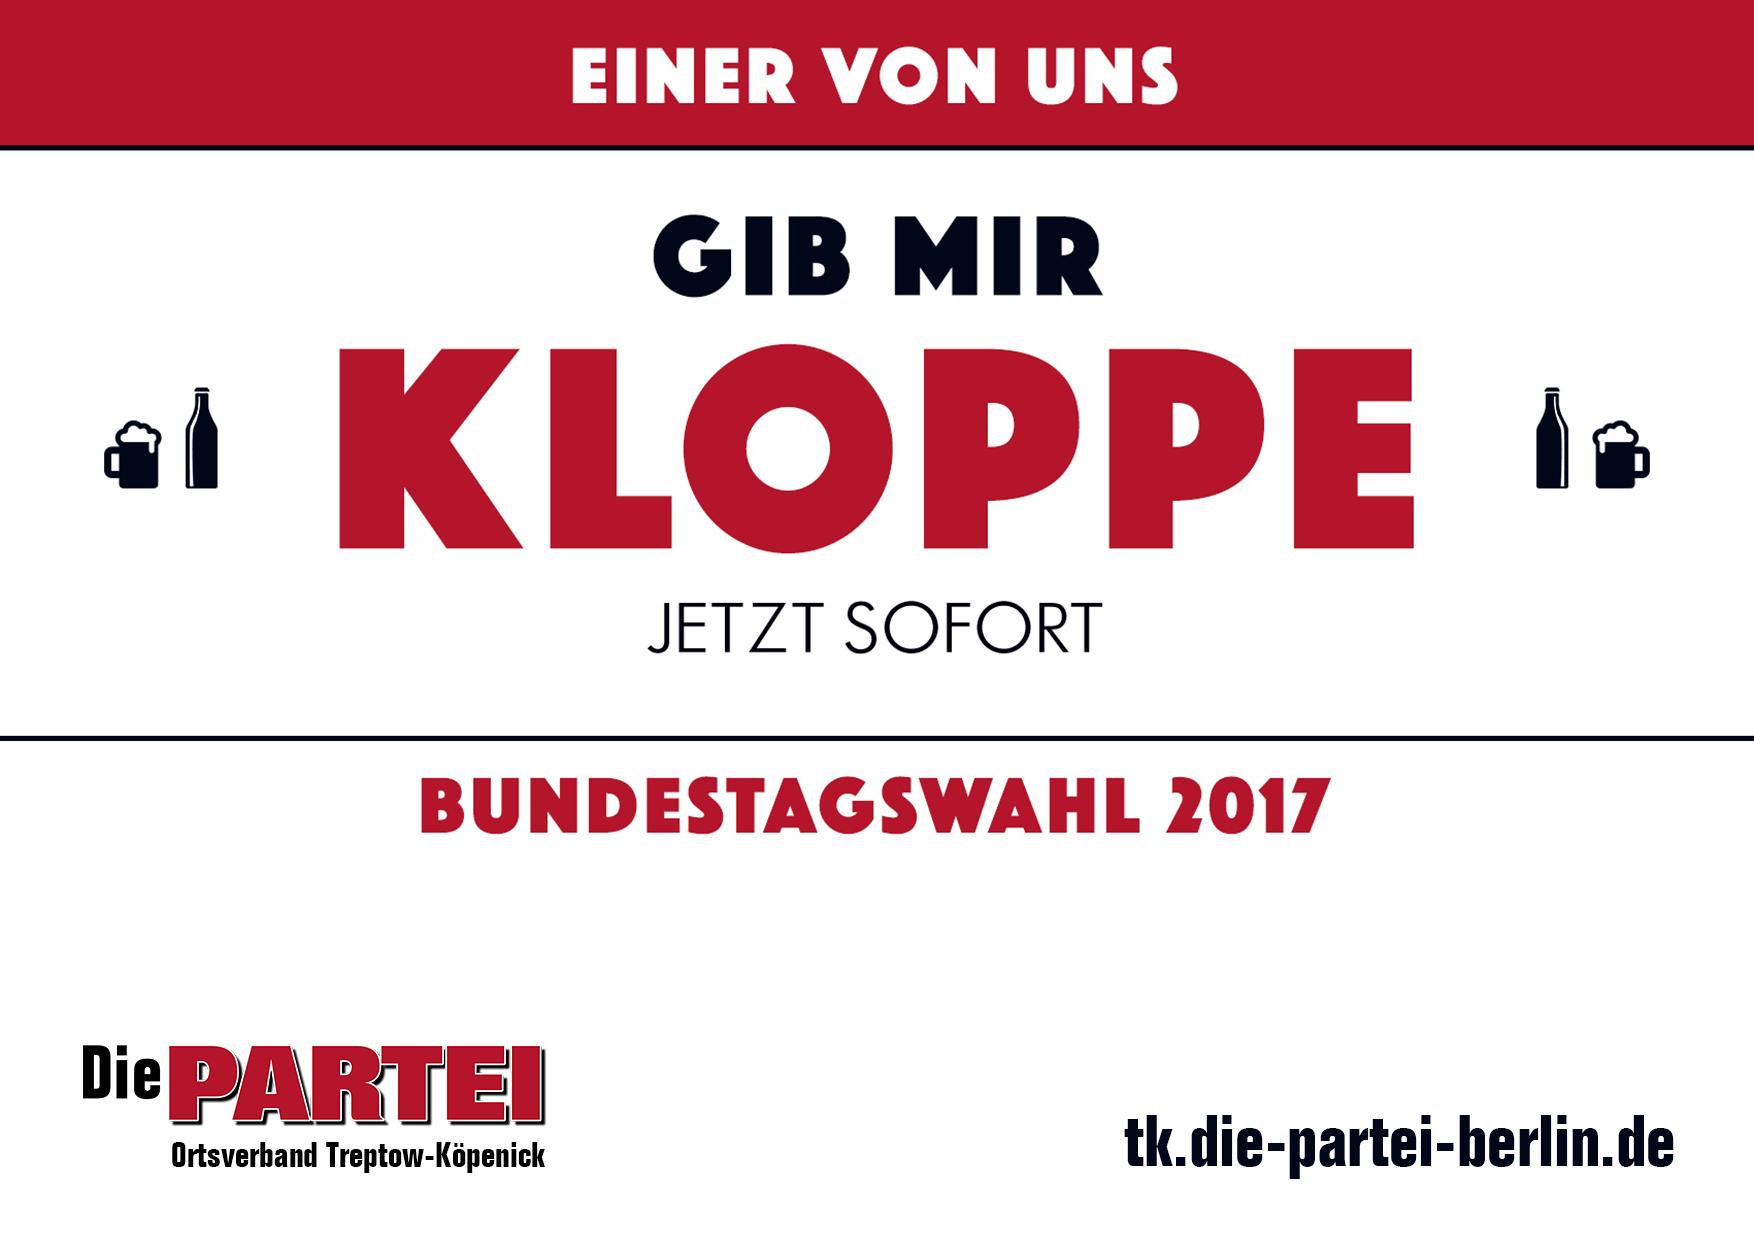 kloppe-schild_2